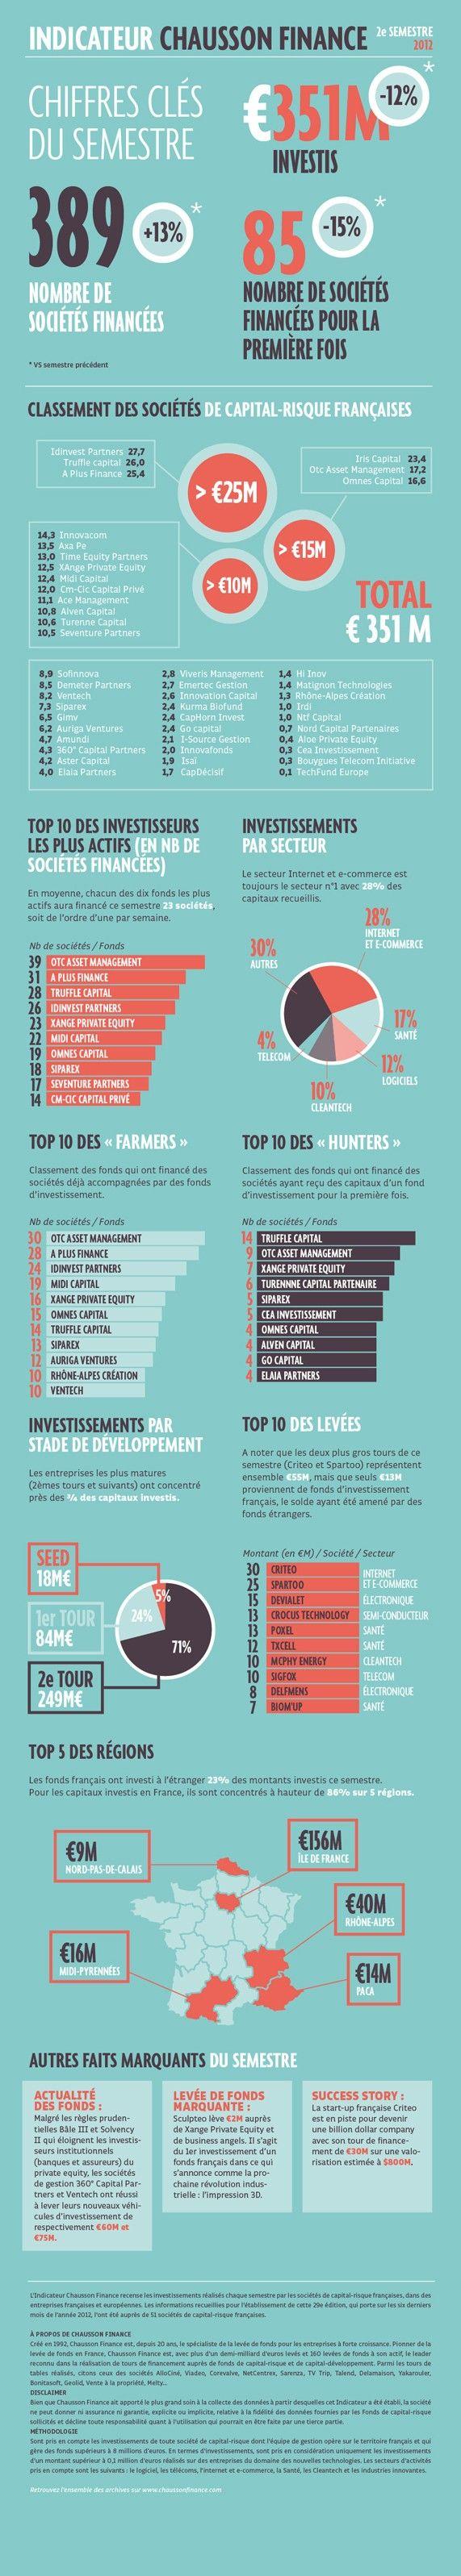 Infographie : Top 10 des investisseurs français les plus actifs